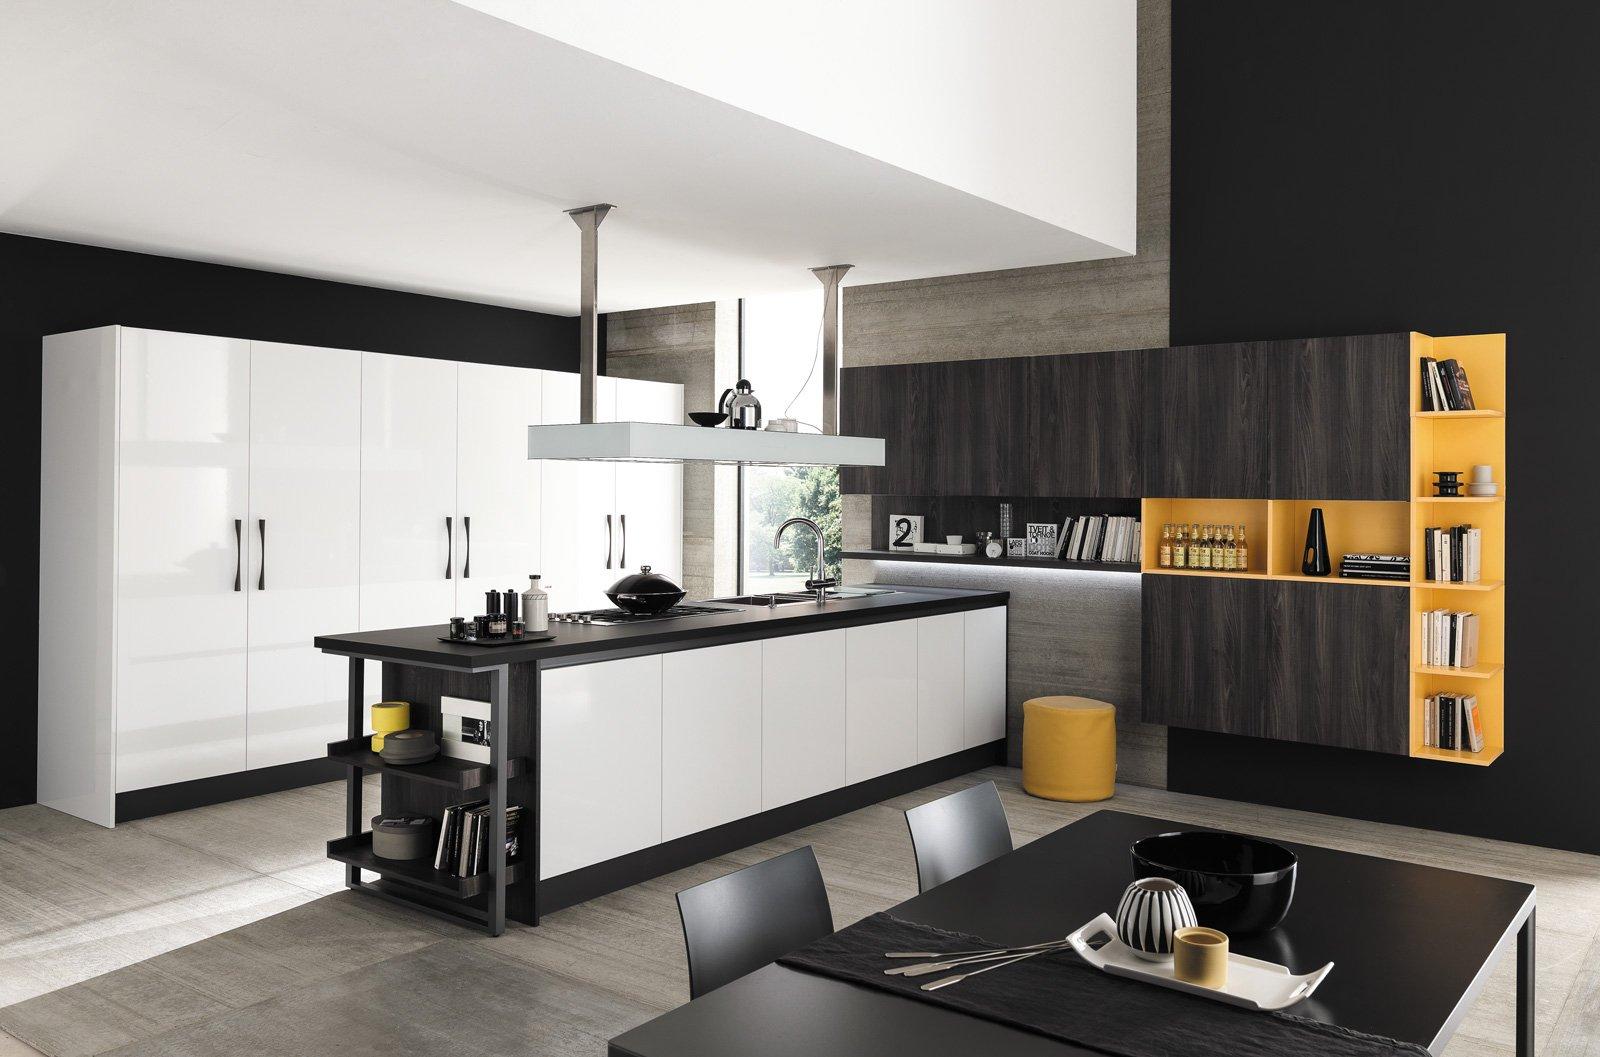 Cucine con piani in contrasto cose di casa - Cucine febal immagini ...